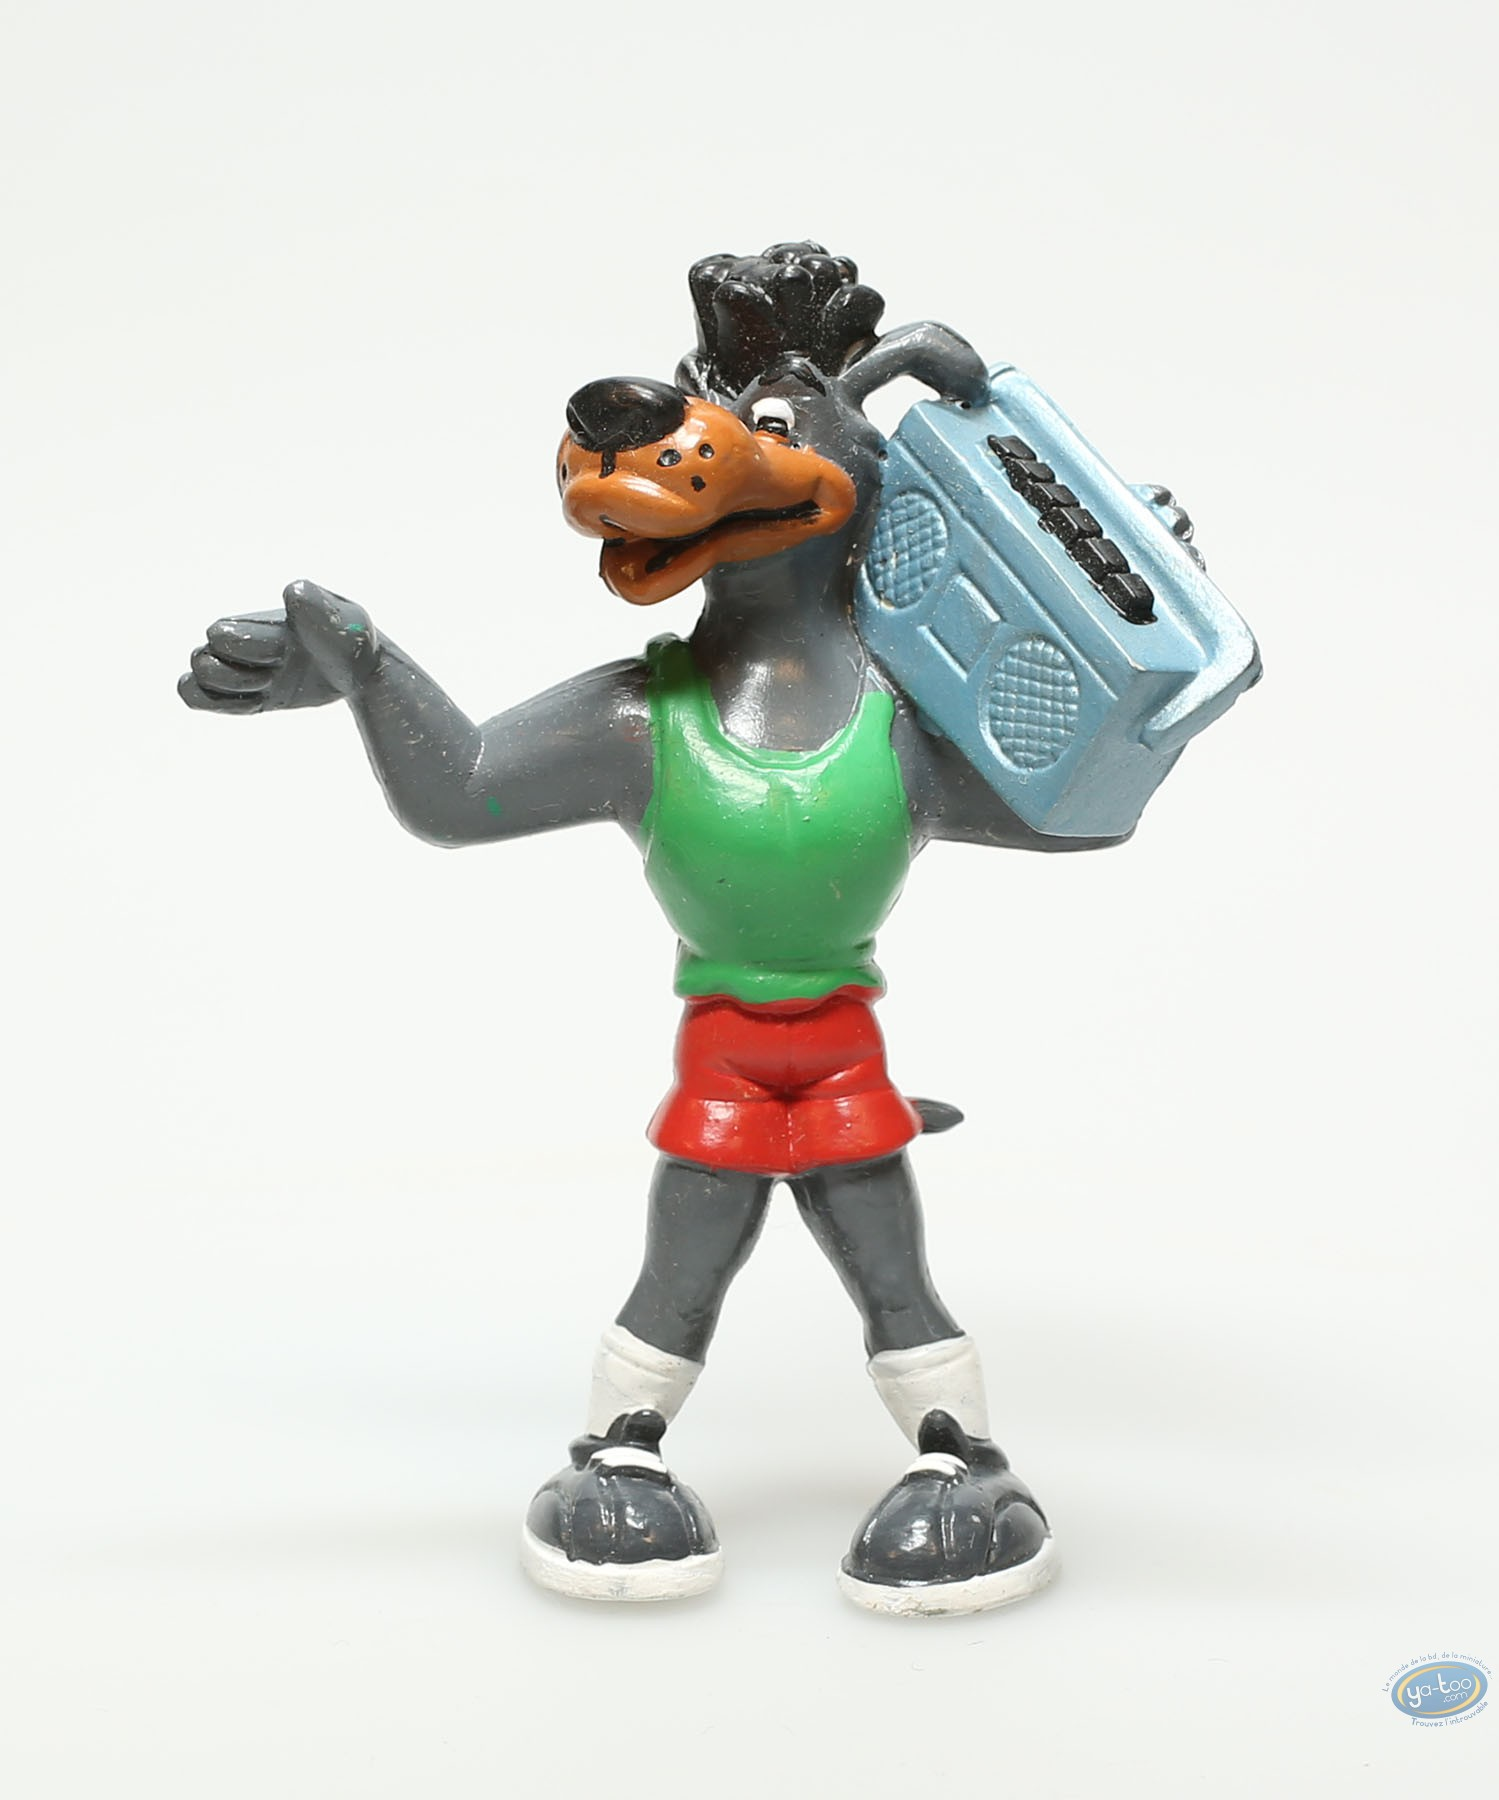 Figurine plastique, Basket fever : Chien joueur de basket maillot vert short rouge et radio